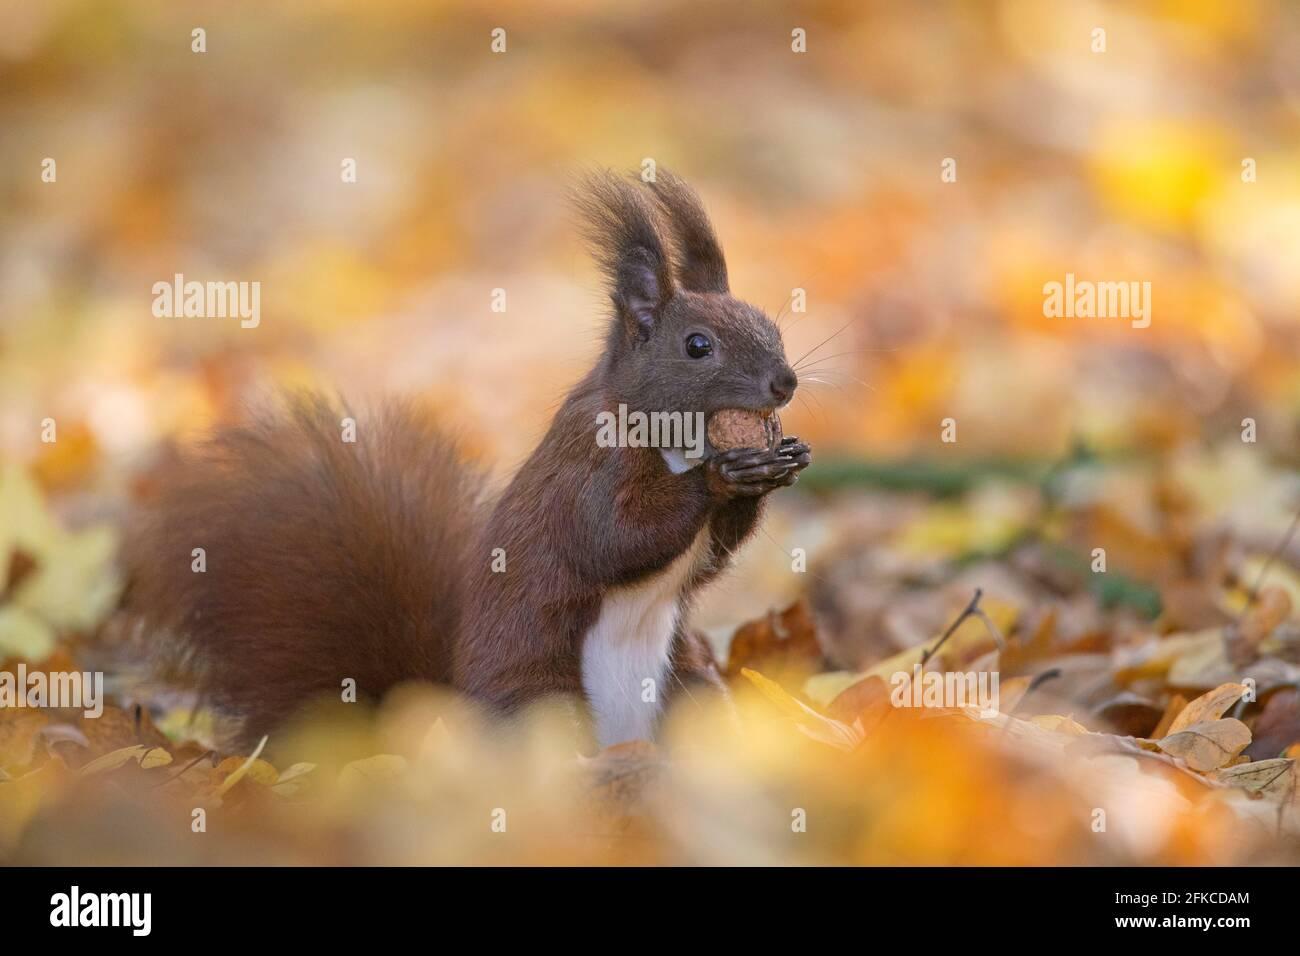 Écureuil rouge eurasien mignon (Sciurus vulgaris) recueillir les écrous sur le sol dans la litière de feuilles sur le plancher de forêt dans les bois d'automne Banque D'Images